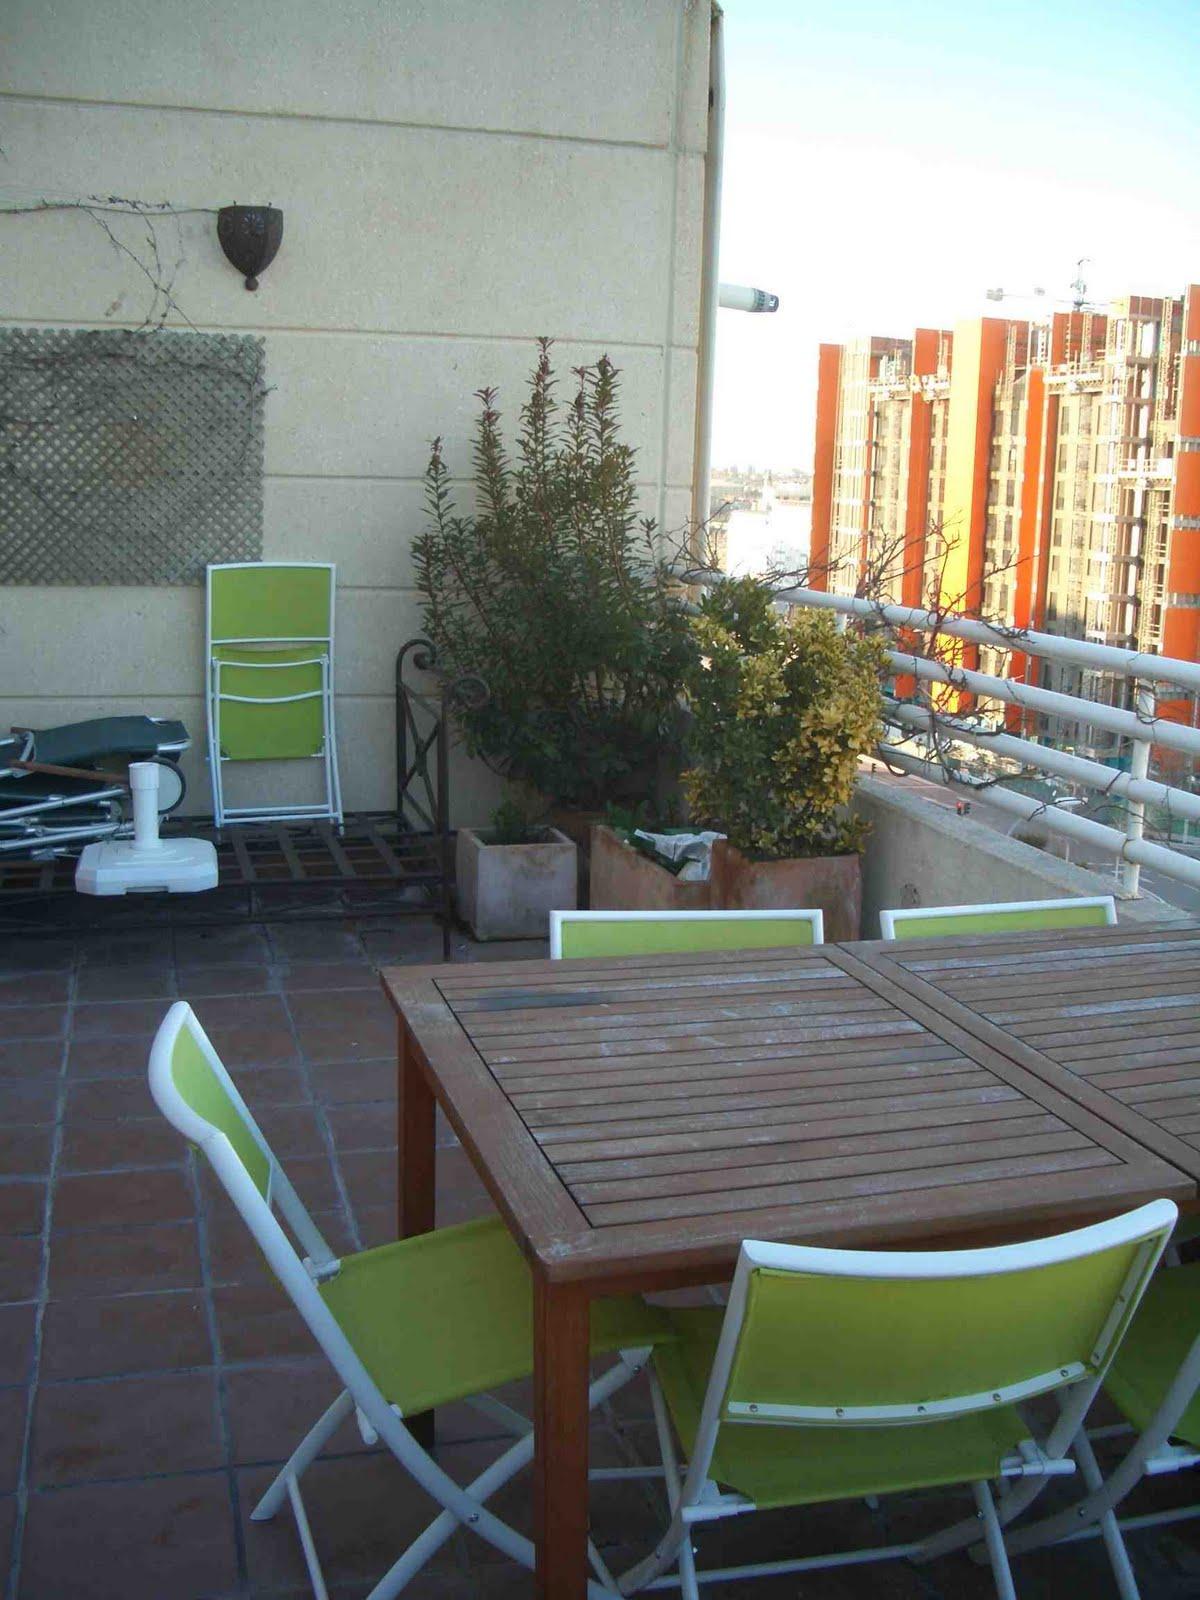 Azulejos rusticos para patios cool ideas para decorar exteriores patios terrazas azoteas with - Azulejos rusticos para patios ...